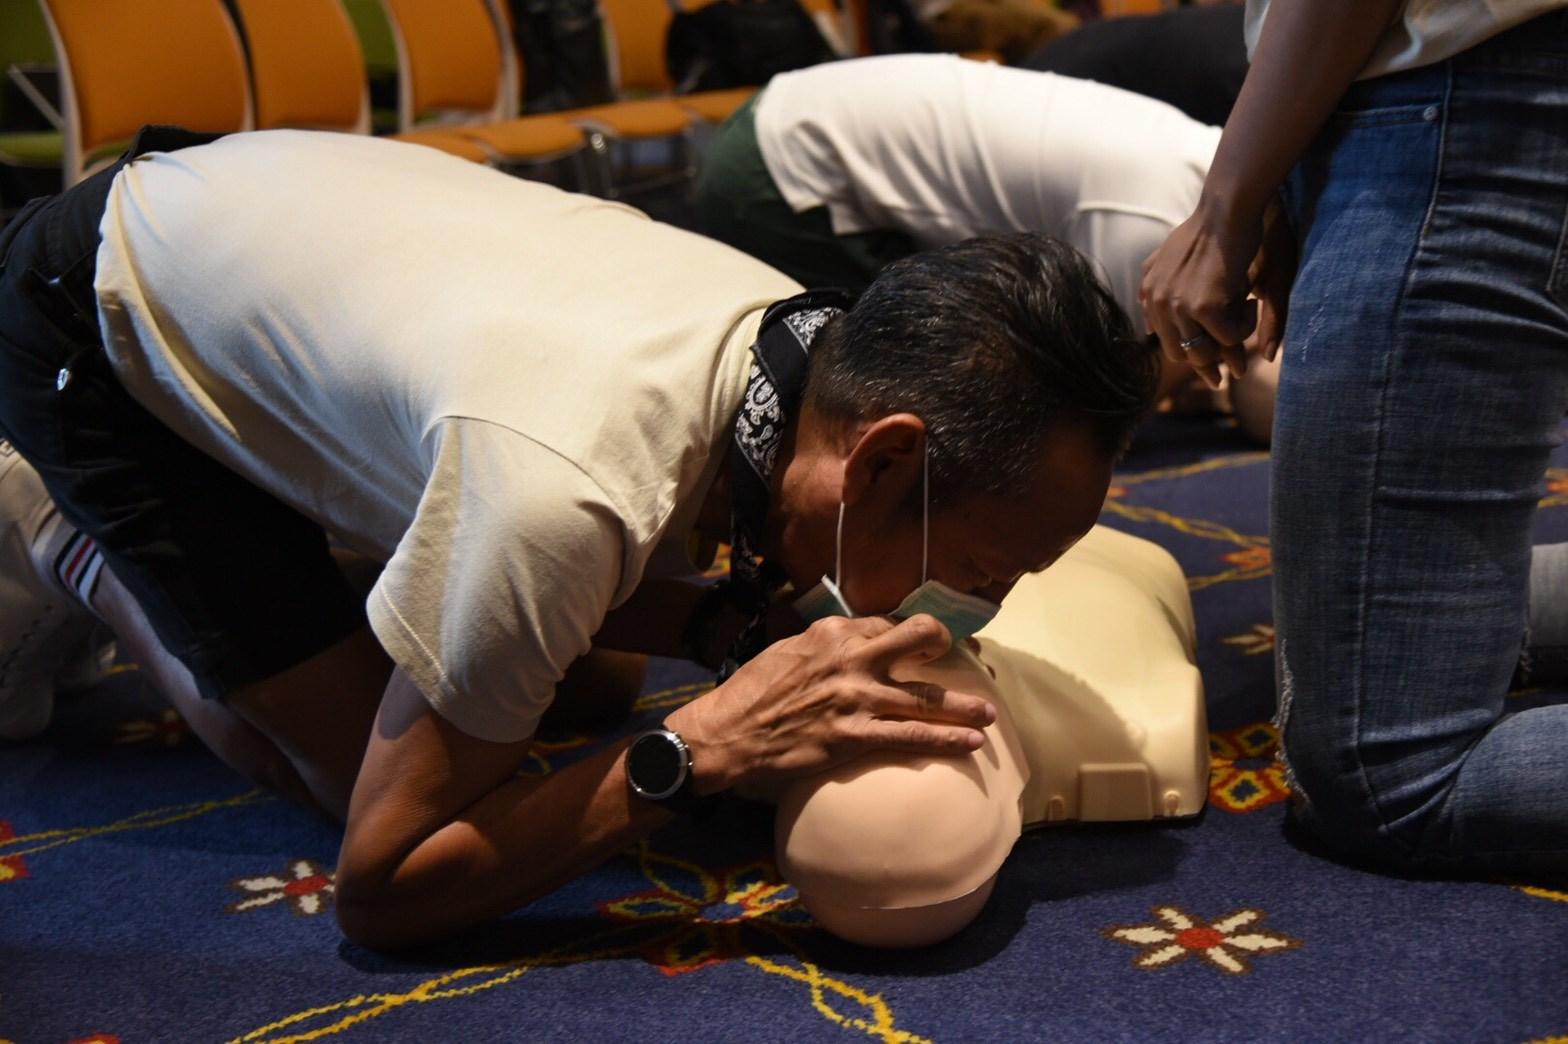 ฝึกกู้ชีพ CPR ผู้กำกับหนัง-ผู้จัดละคร-นักเขียน หวังช่วยล้างภาพจำผิดๆ